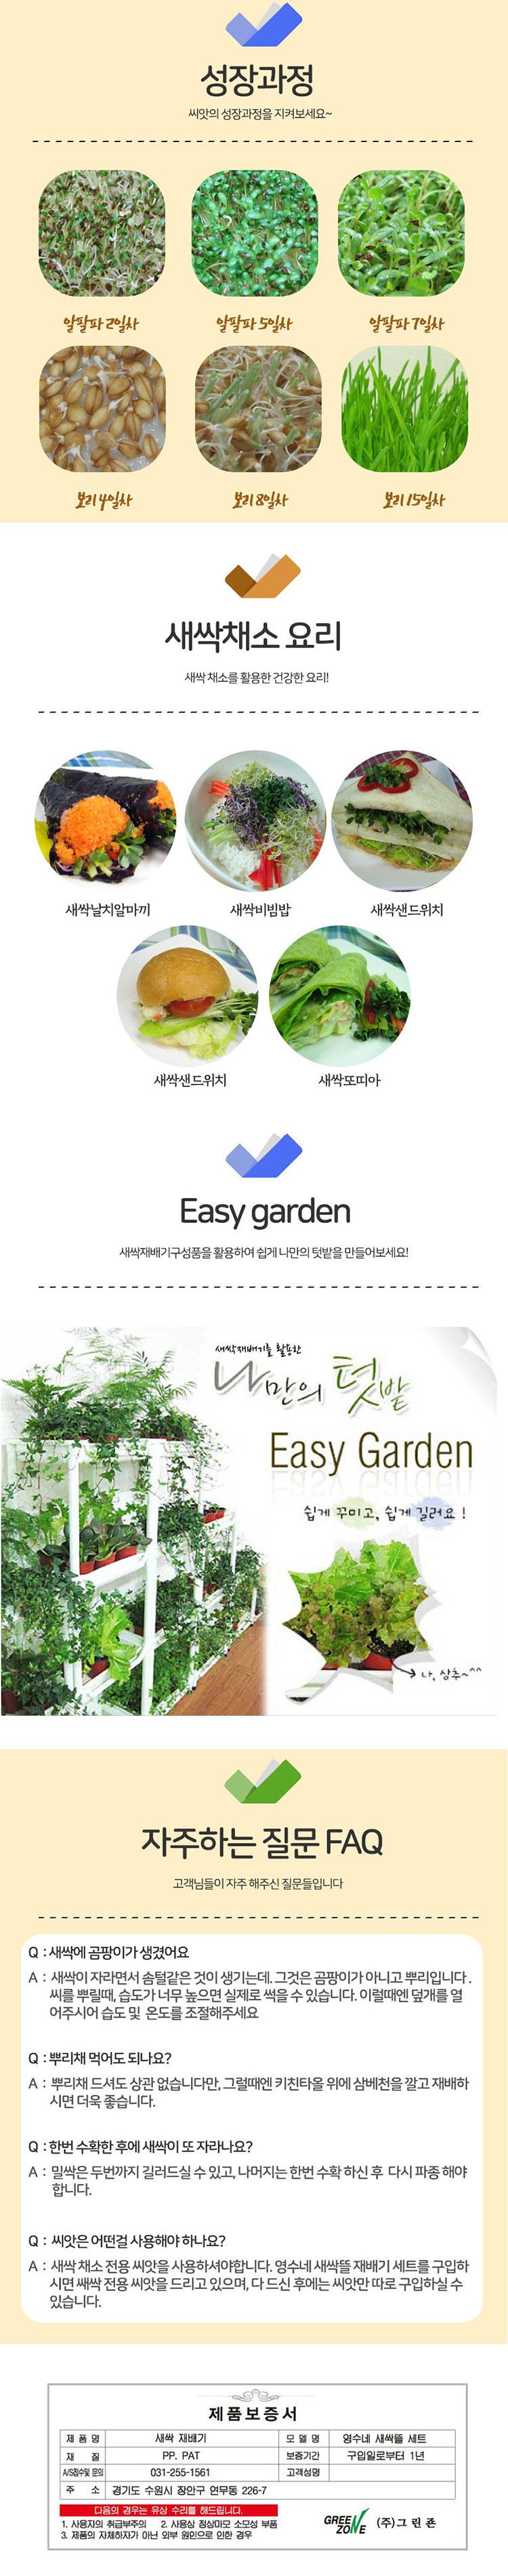 새싹재배,수경재배,보리순재배,어린보리재배,보리싹재배,밀순재배,밀싹재배,재배기,영수네새싹뜰,영수네뜰